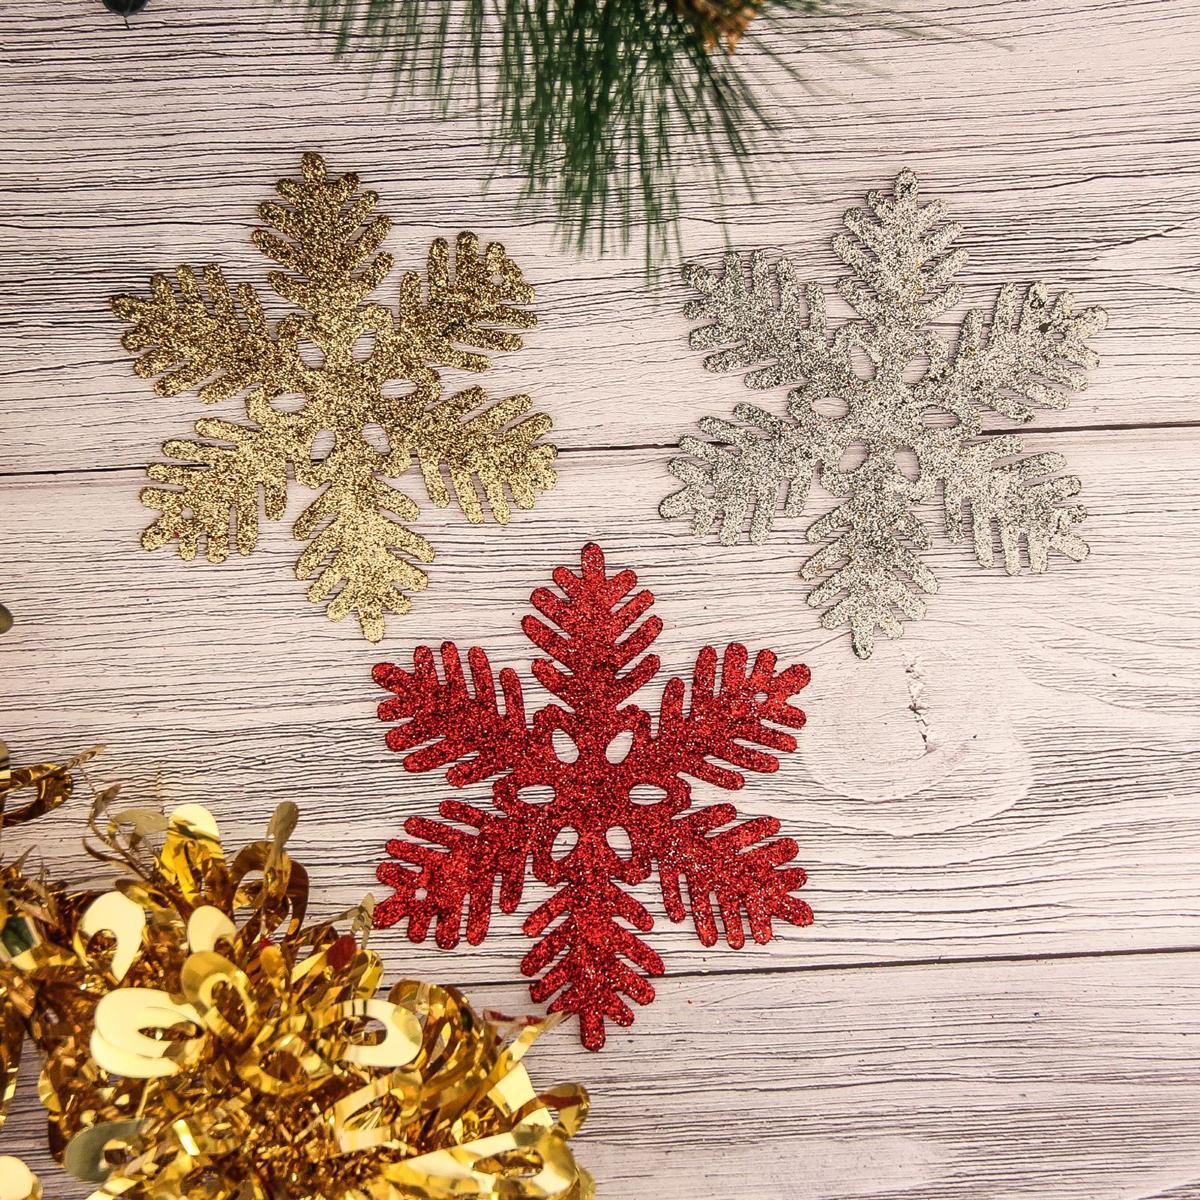 Набор новогодних подвесных украшений Снежинка, цвет: красный, золотой, серебряный, диаметр 10 см, 3 шт2372116Набор новогодних подвесных украшений отлично подойдет для декорации вашего дома и новогодней ели. С помощью специальной петельки украшение можно повесить в любом понравившемся вам месте. Но, конечно, удачнее всего оно будет смотреться на праздничной елке.Елочная игрушка - символ Нового года. Она несет в себе волшебство и красоту праздника. Такое украшение создаст в вашем доме атмосферу праздника, веселья и радости.